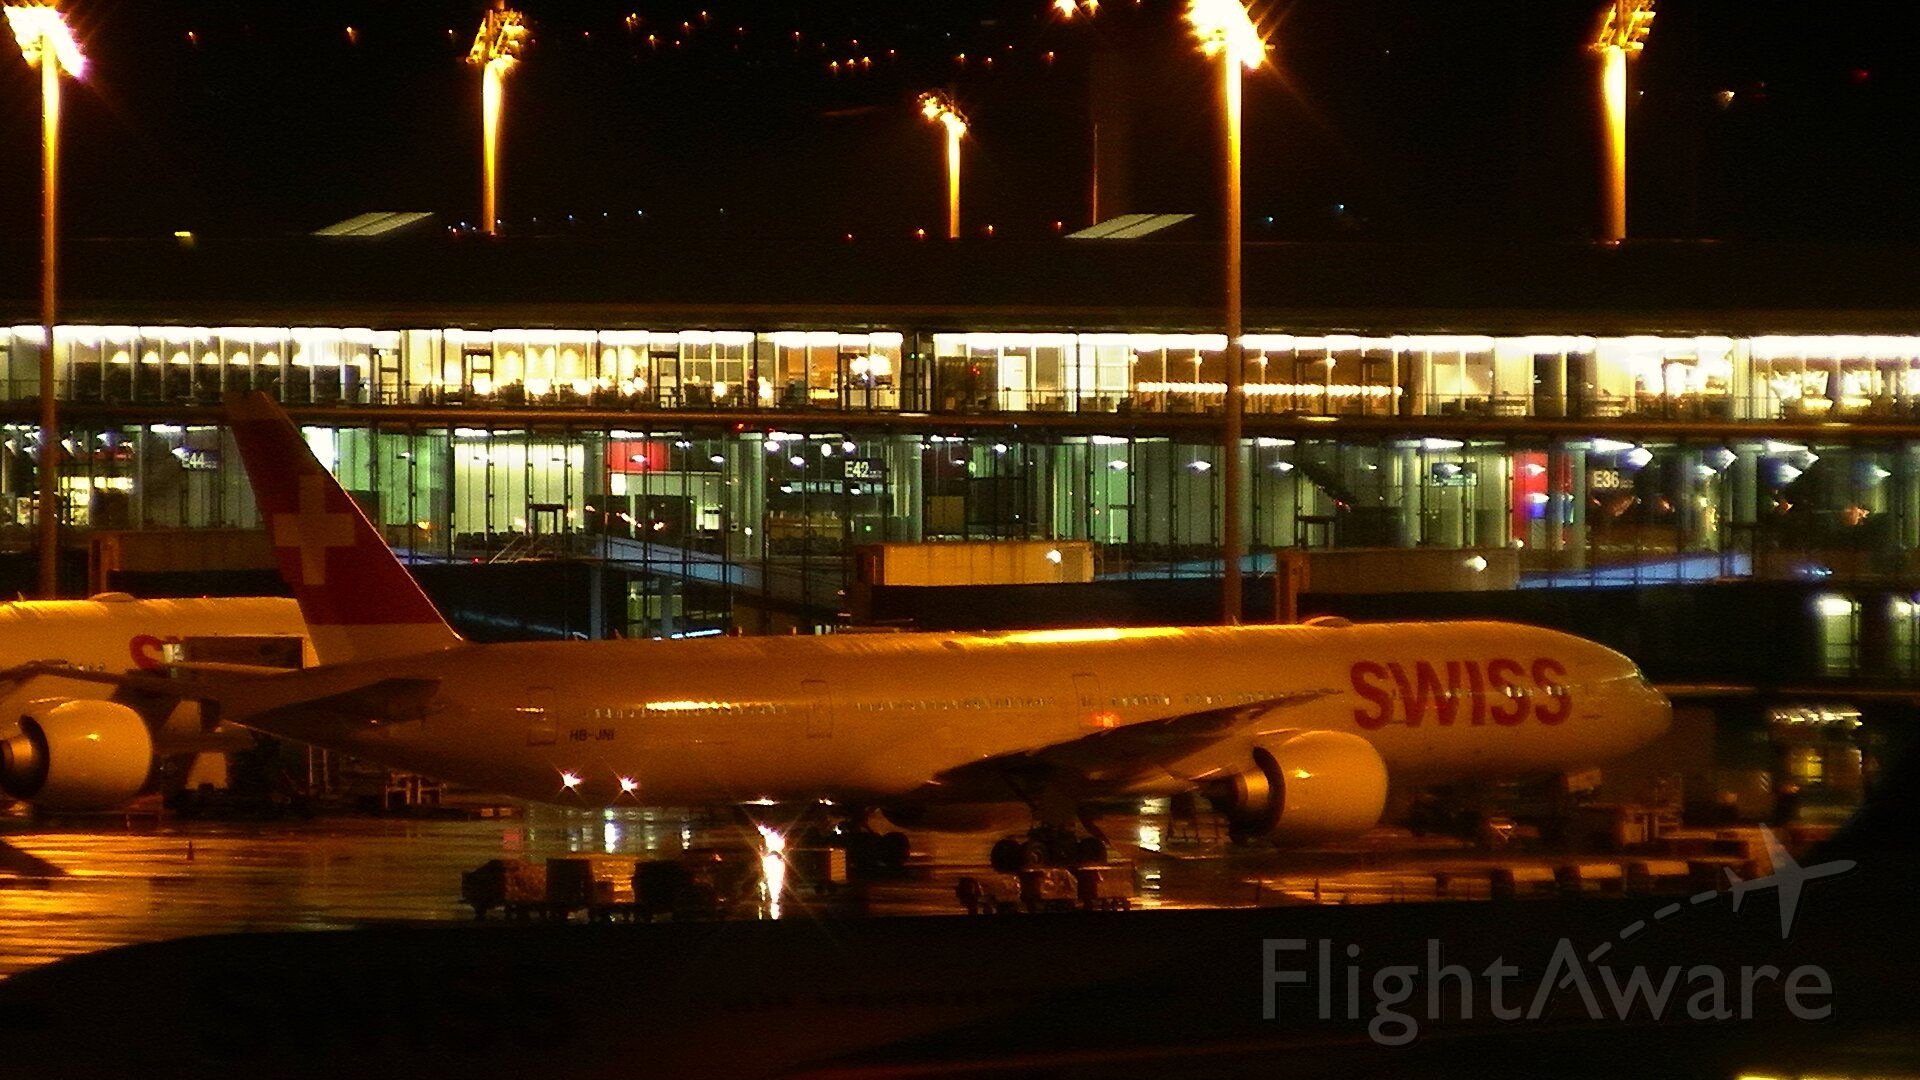 BOEING 777-300ER (HB-JNA)